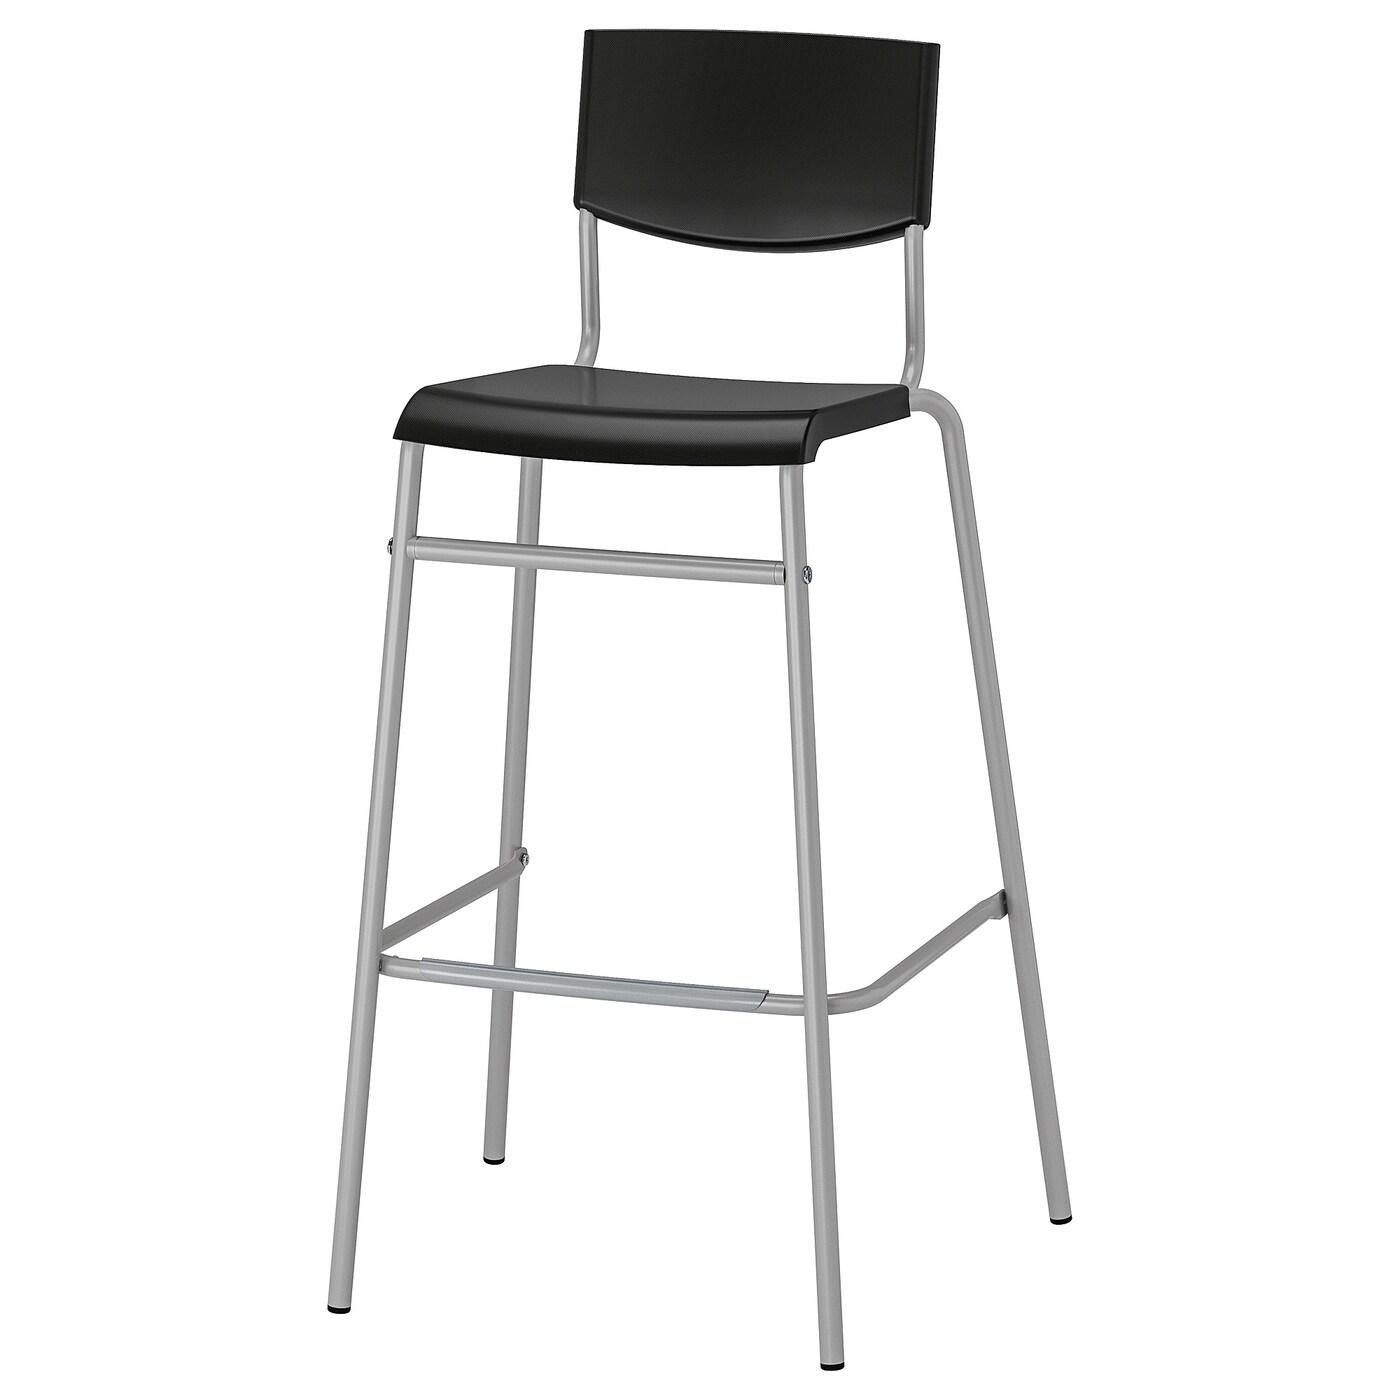 STIG - Bar stool with backrest, black, silver color